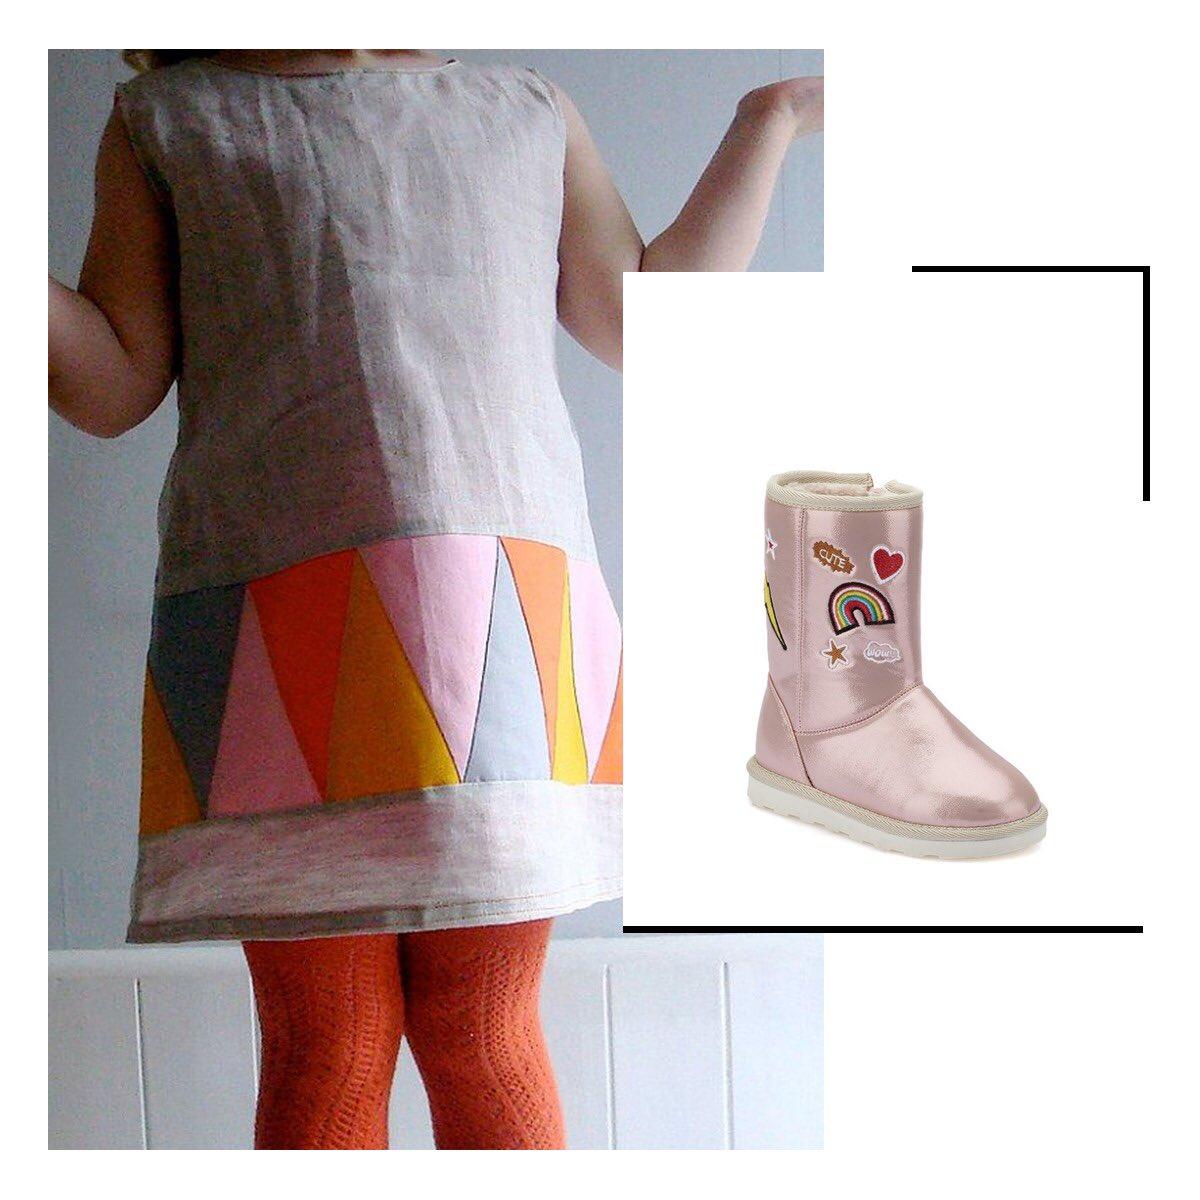 Miniklerin tüm kış adımlarından eksik etmek istemeyeceği eğlenceli ve sıcacık ayakkabılar Polaris'te! Pudra Kız Çocuk Bot 26-30 Numara 69,99 TL 🔎 100336383 http://bit.ly/2FlT9yd